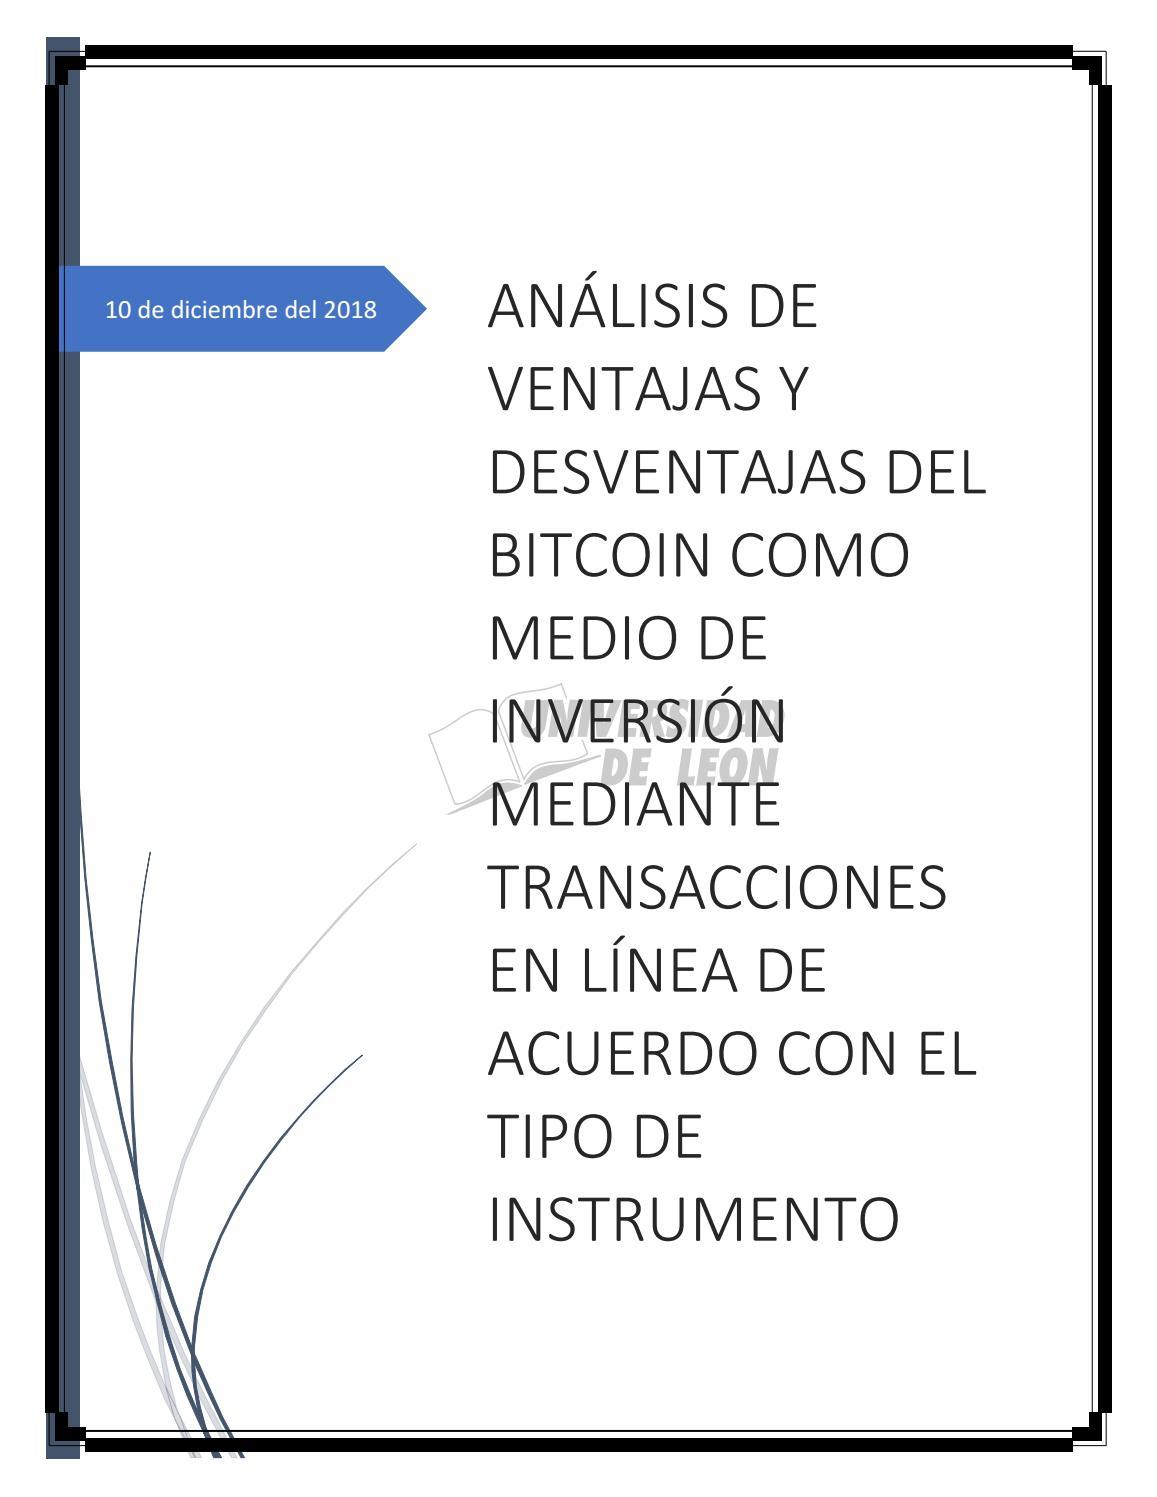 nuevas criptomonedas 2021 ventajas y desventajas de la inversión en bitcoins